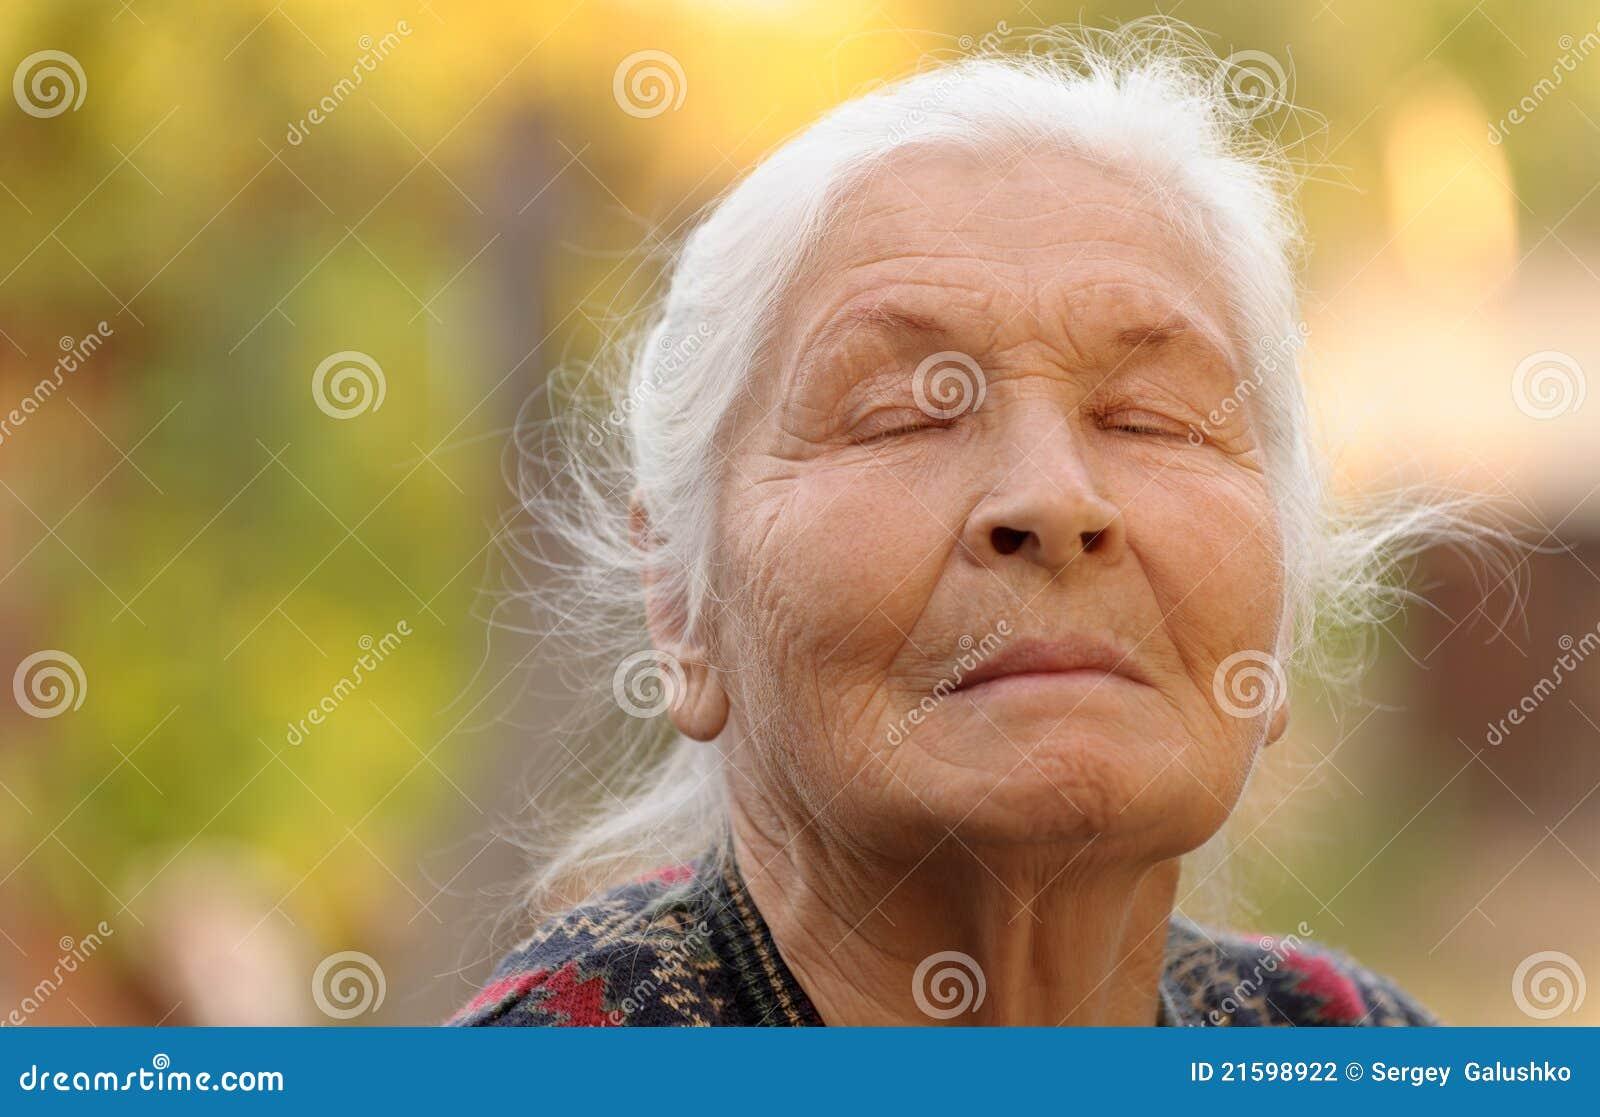 Фотосессия пожилых женщин 12 фотография